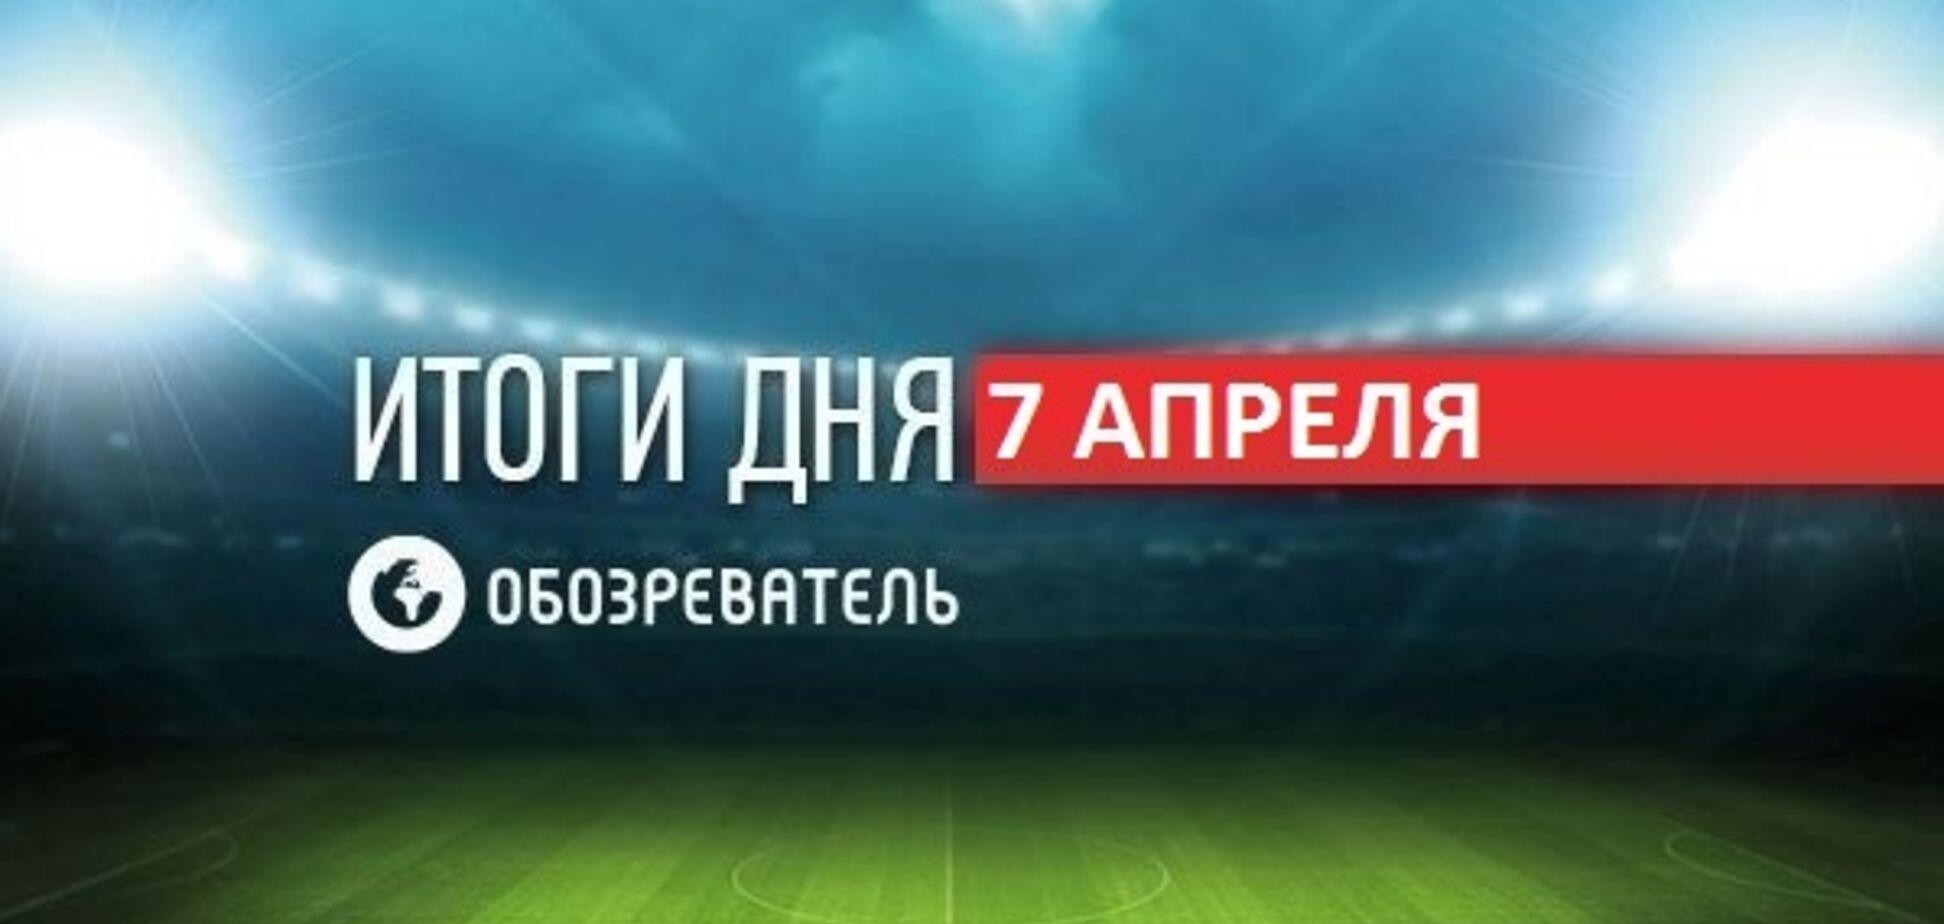 Усика послав порушник ПДР: спортивні підсумки 7 квітня